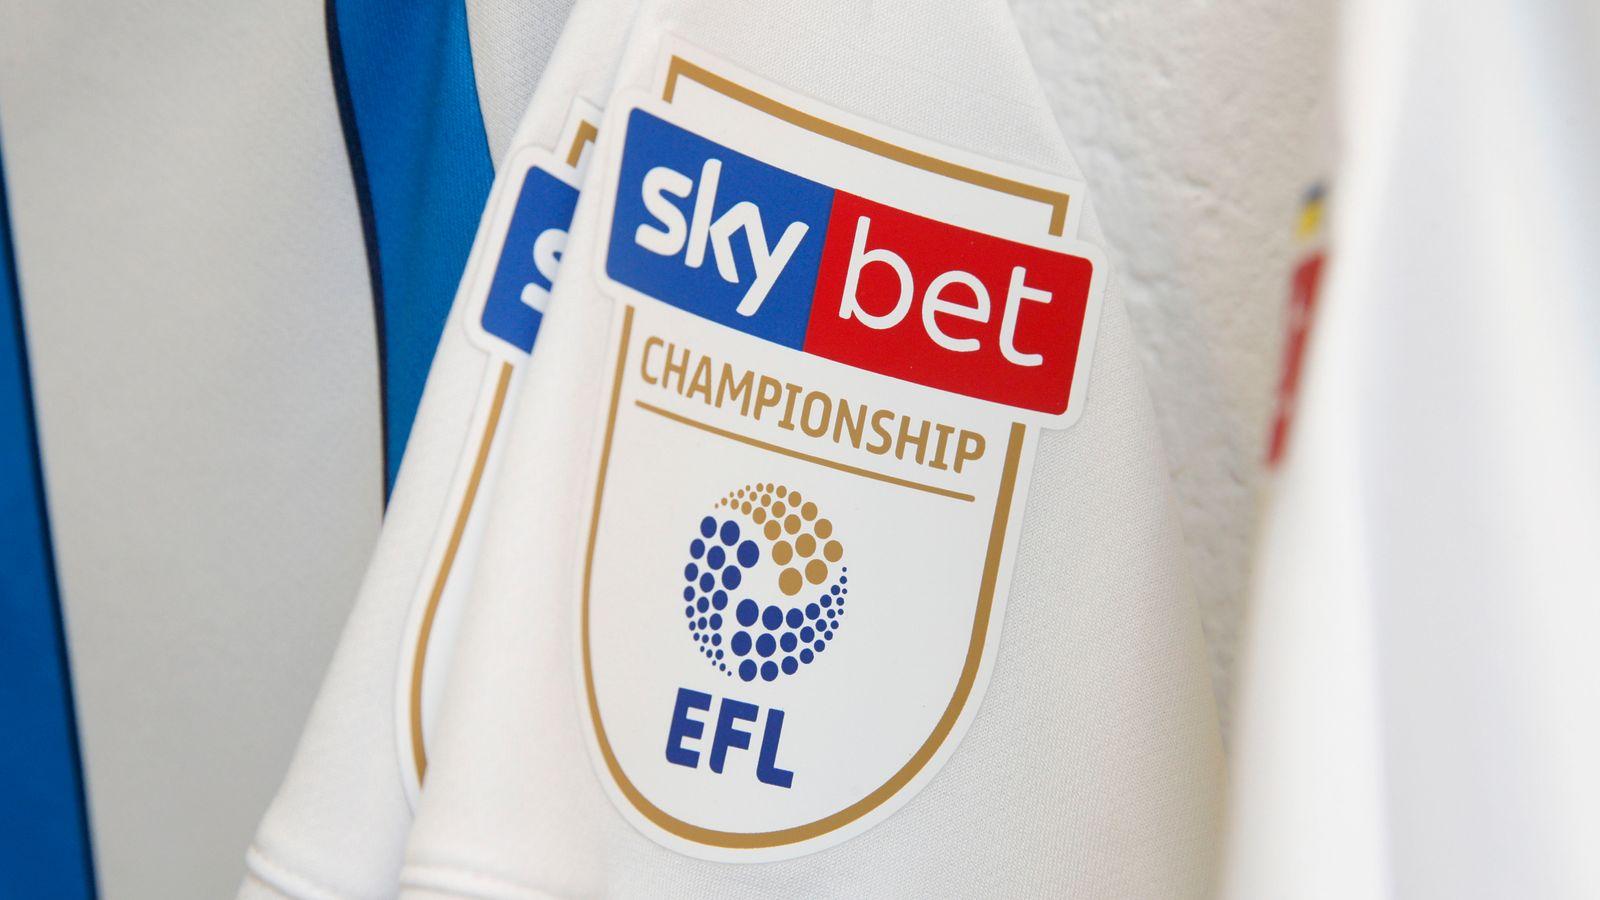 Campeonato listo para llevar la fecha límite de transferencia en línea con la Premier League Noticias de futbol 1